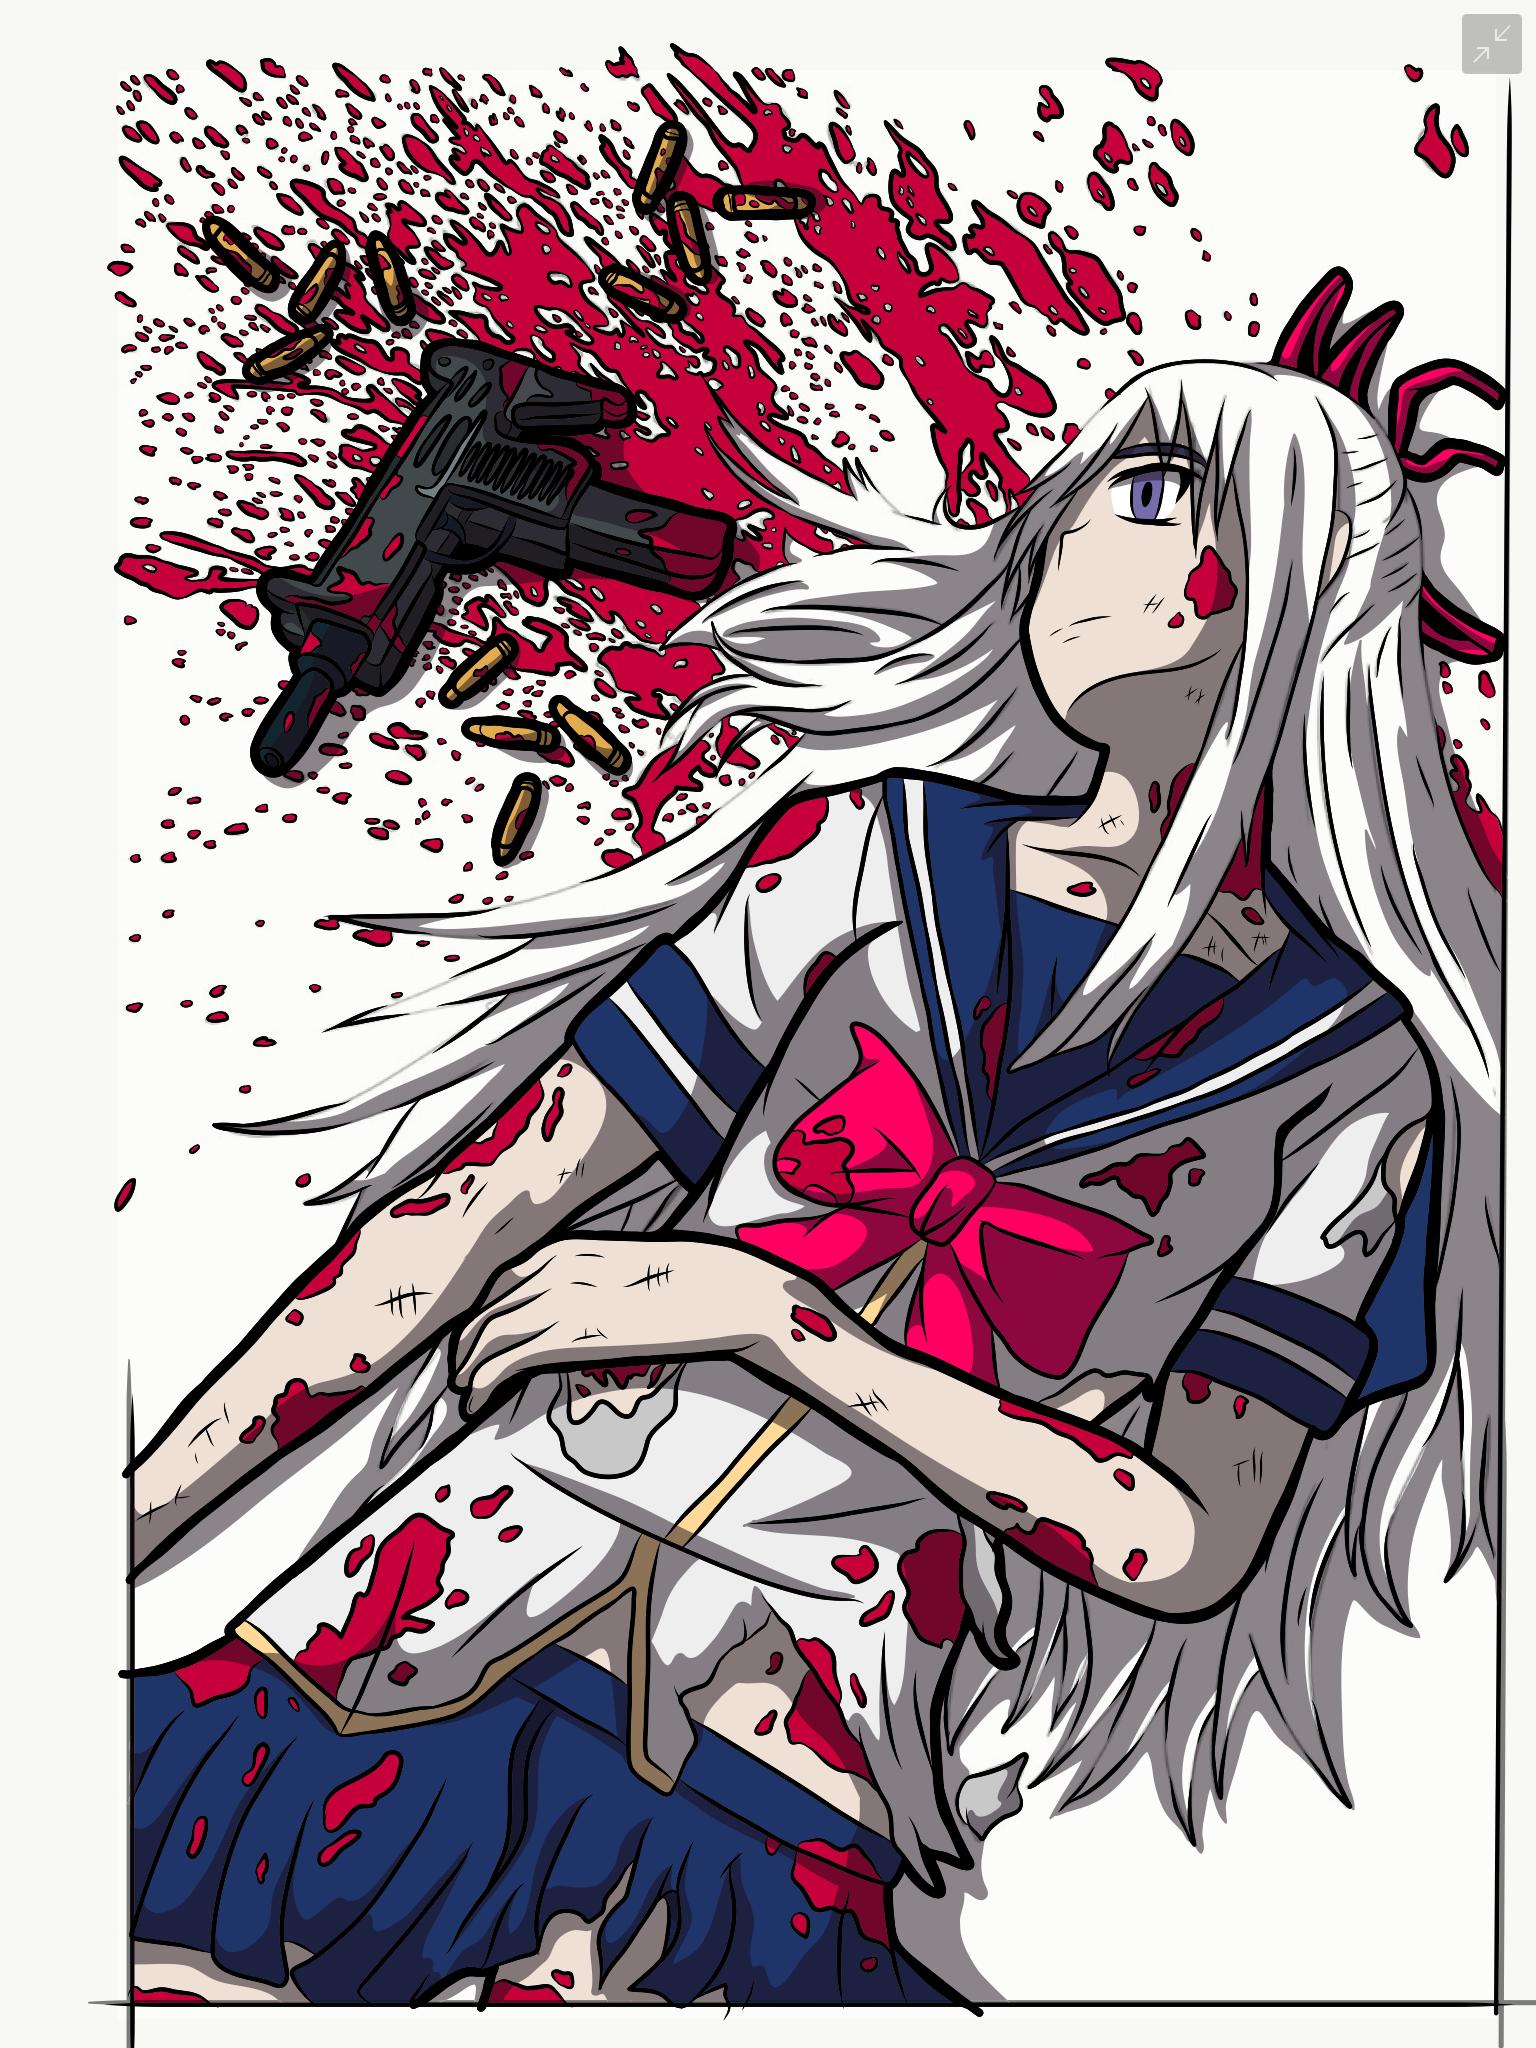 corpse-princess-pop-art-process-image-4.png